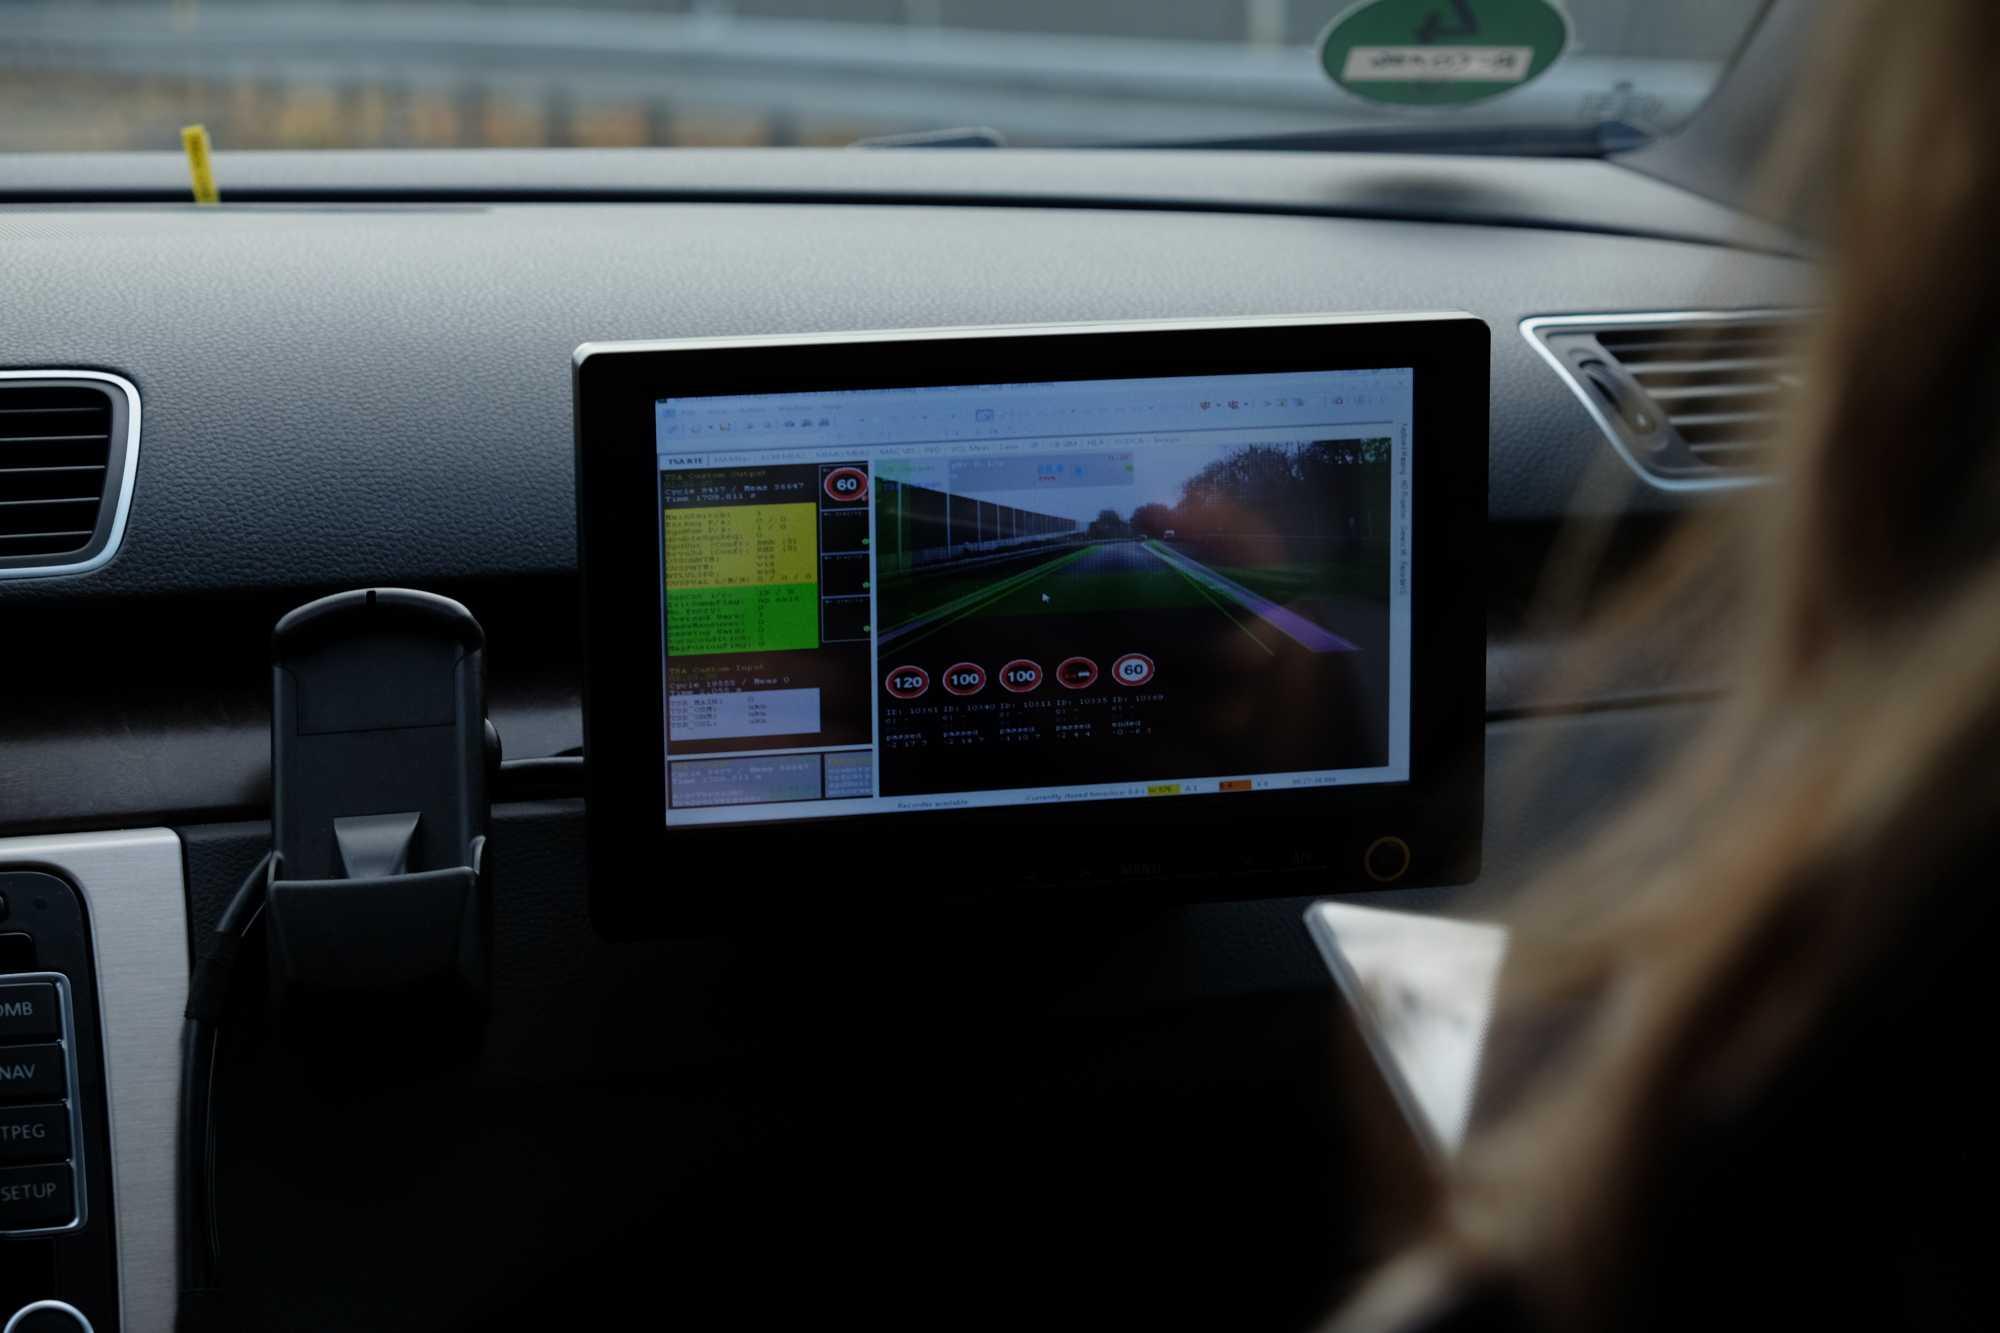 Die Sensoren des Autos erfassen Daten wie aktuelle Tempolimits ...